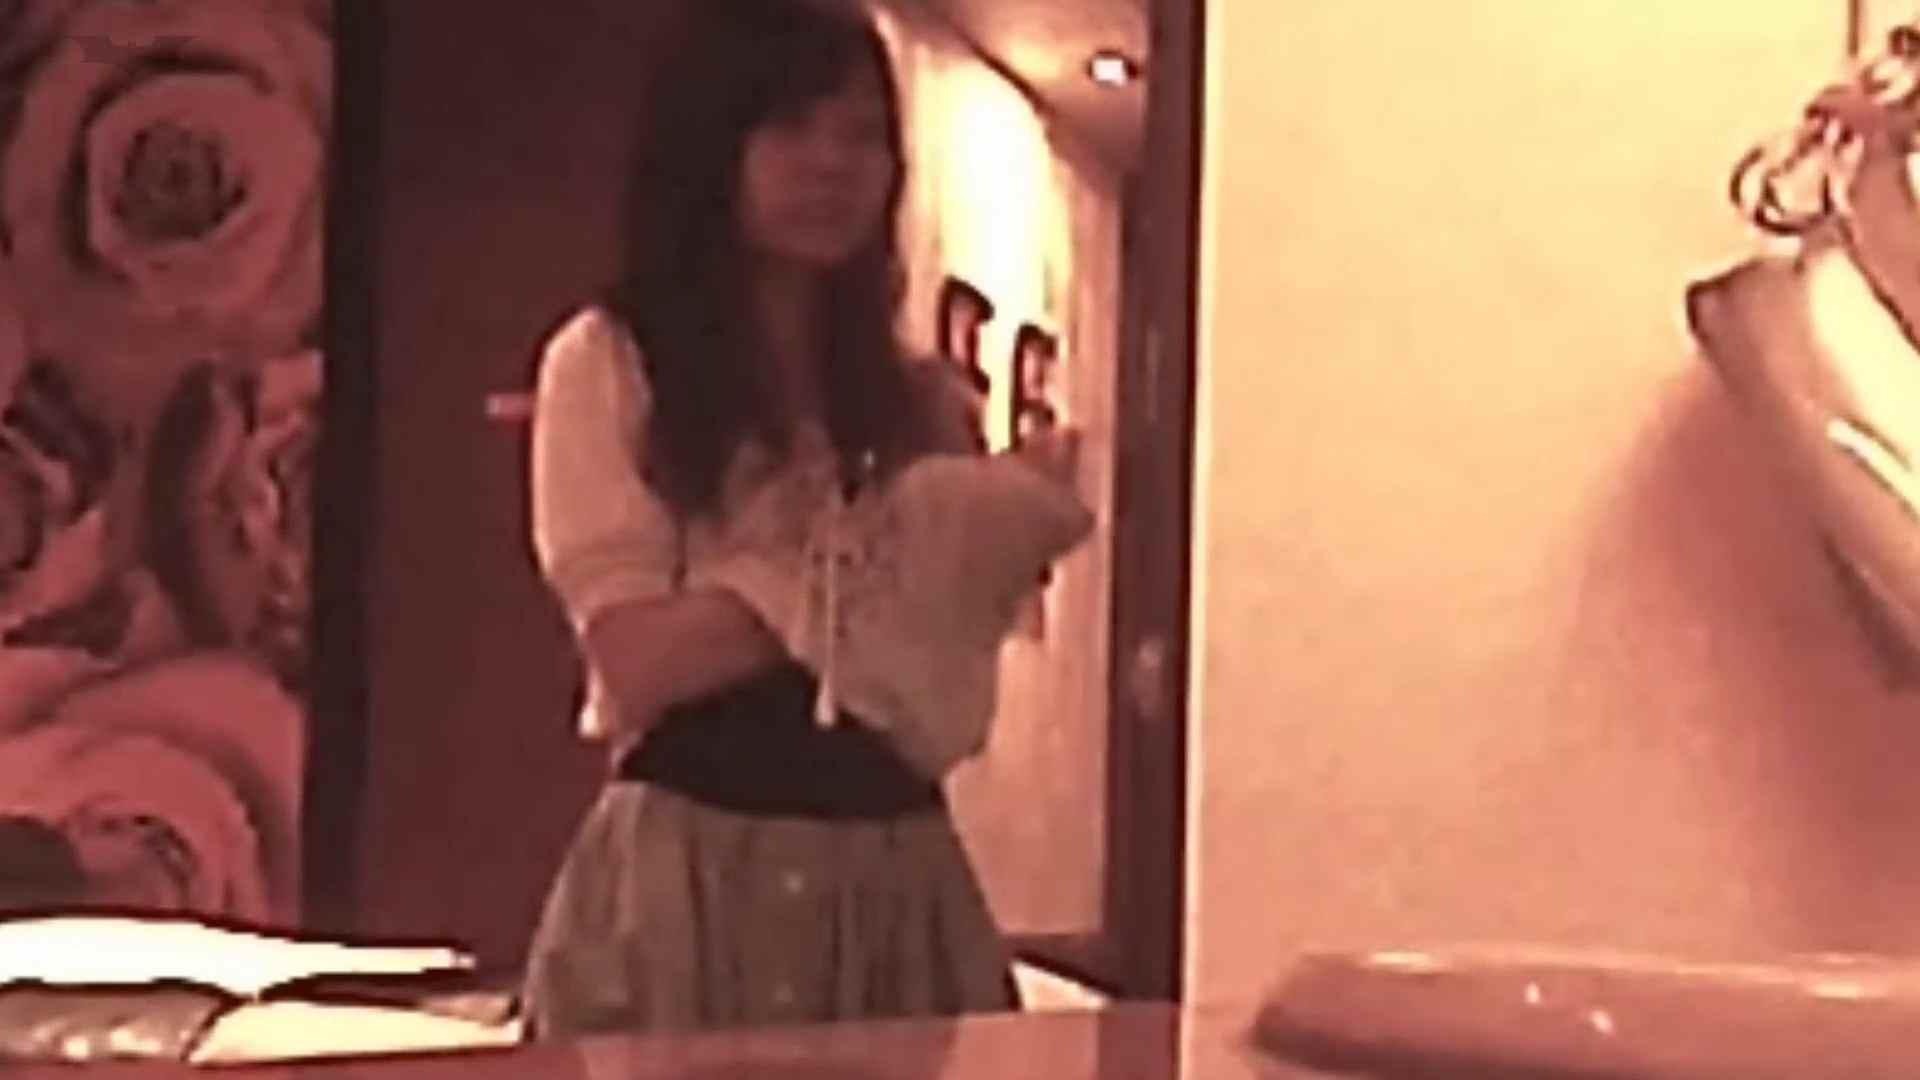 禁断、家庭教のおしえ子 (シリーズⅥ) りりかちゃん Vol.30 脱衣編 ホテルでエッチ | OLの実態  45pic 5